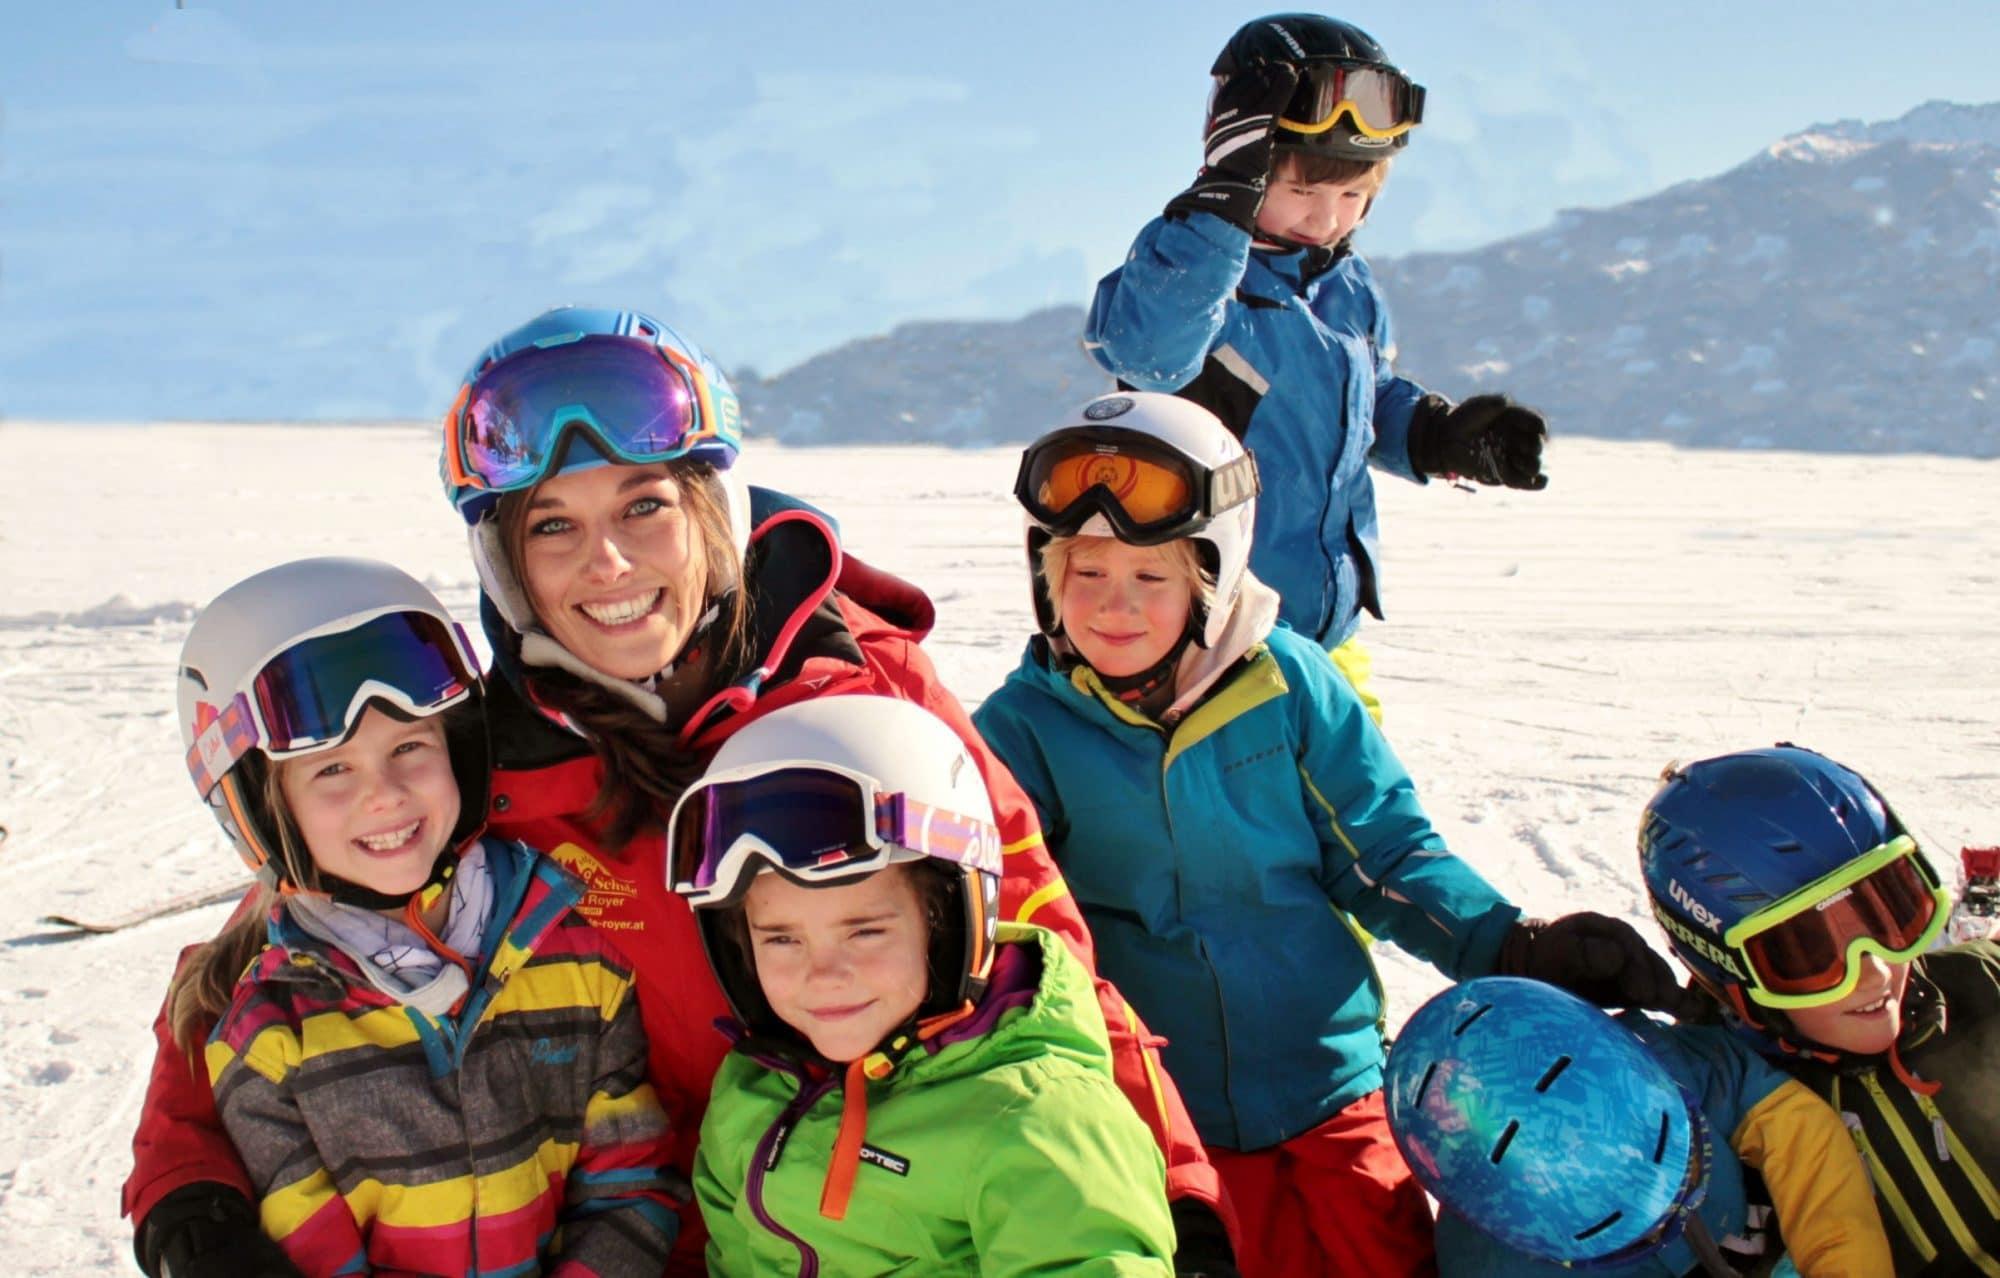 Skilessen voor kinderen vanaf 3 jaar - ervaren